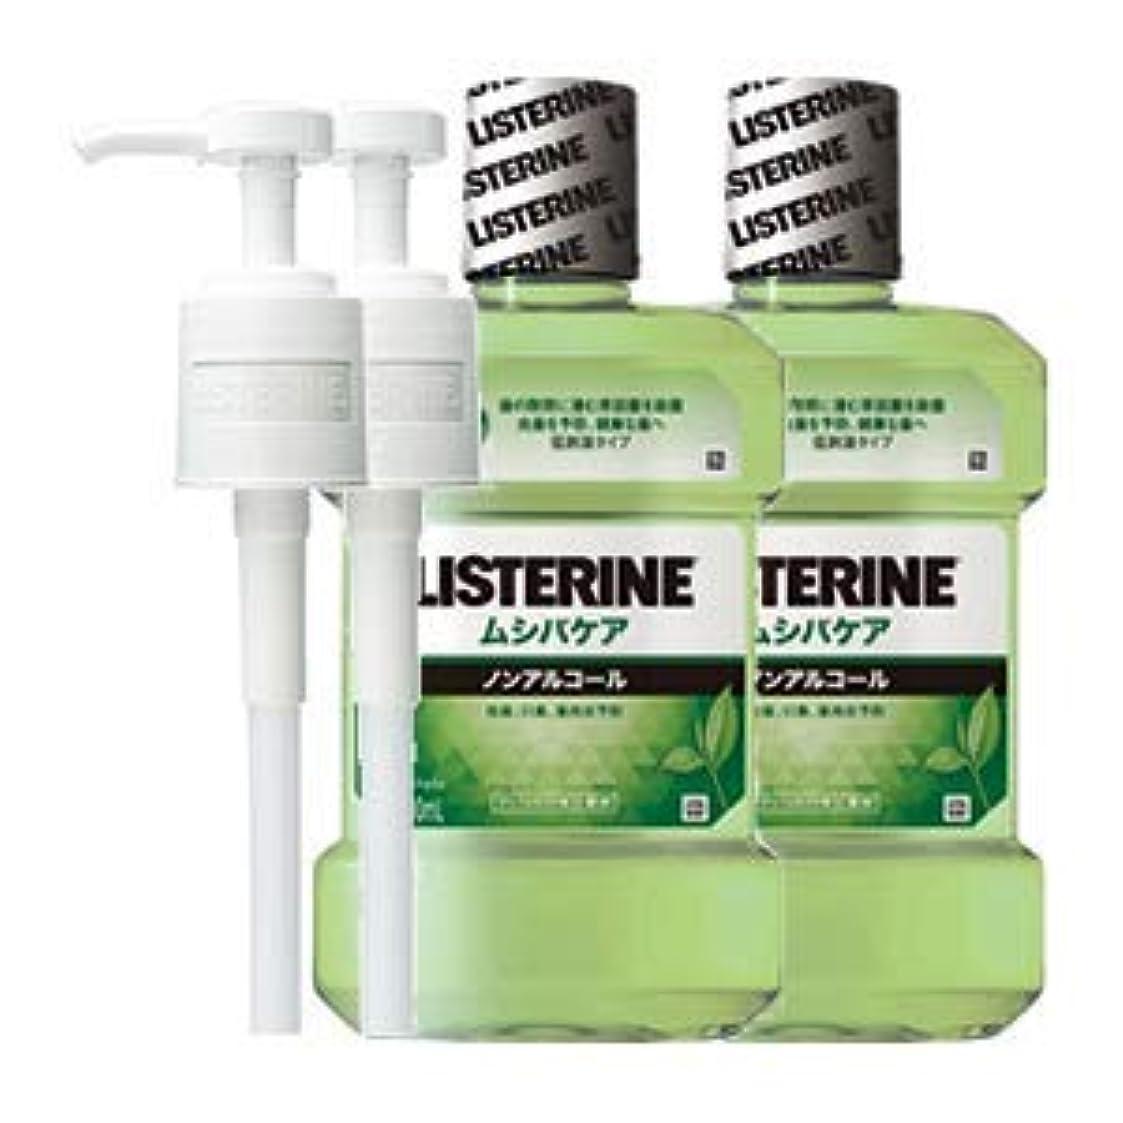 避けられない理容師排除する薬用リステリン ムシバケア (液体歯磨) 1000mL 2点セット (ポンプ付)